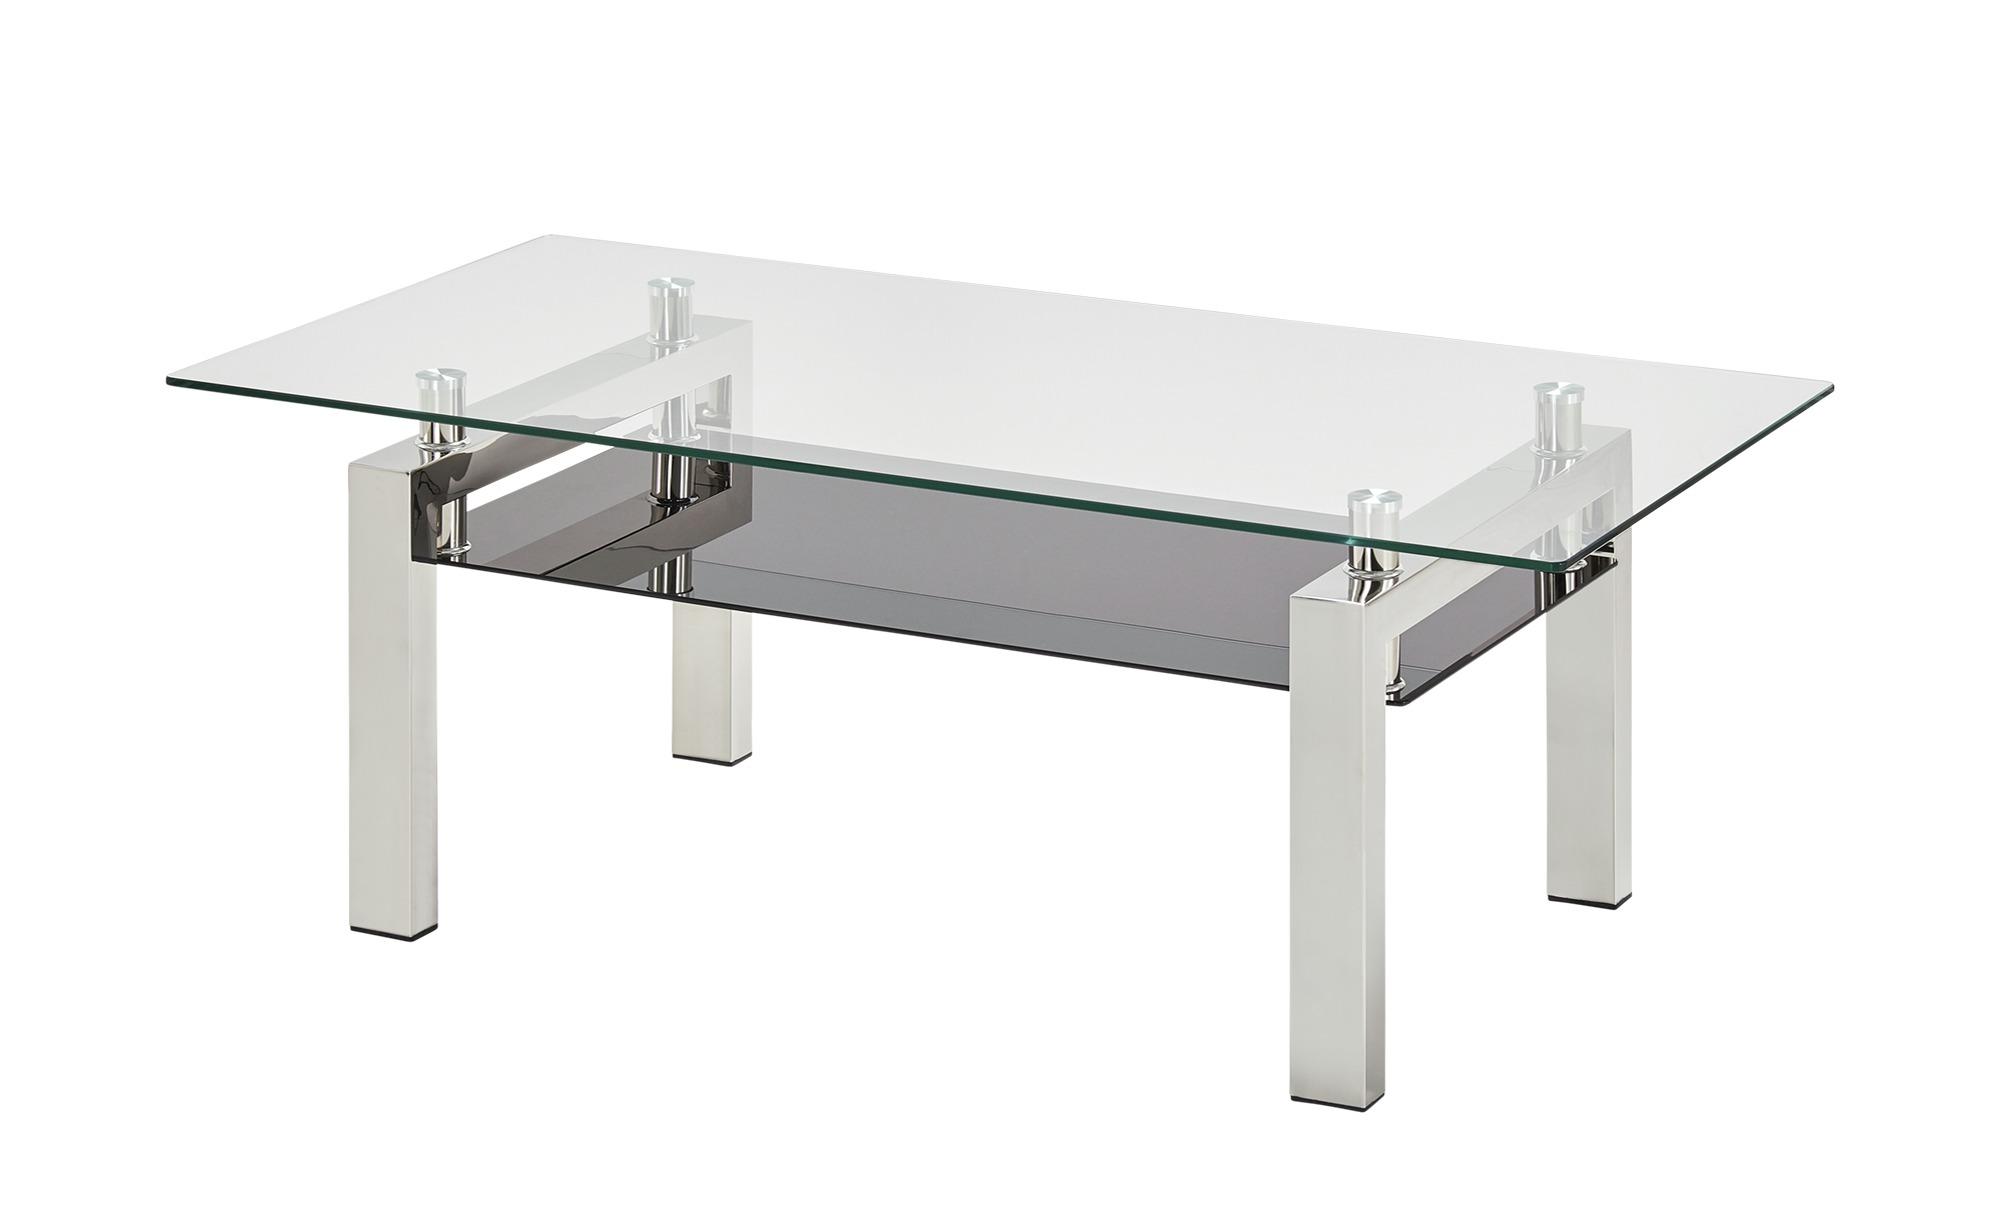 Couchtisch ¦ silber ¦ Maße (cm): B: 60 H: 44 T: 60 Tische > Couchtische > Couchtische rechteckig - Höffner